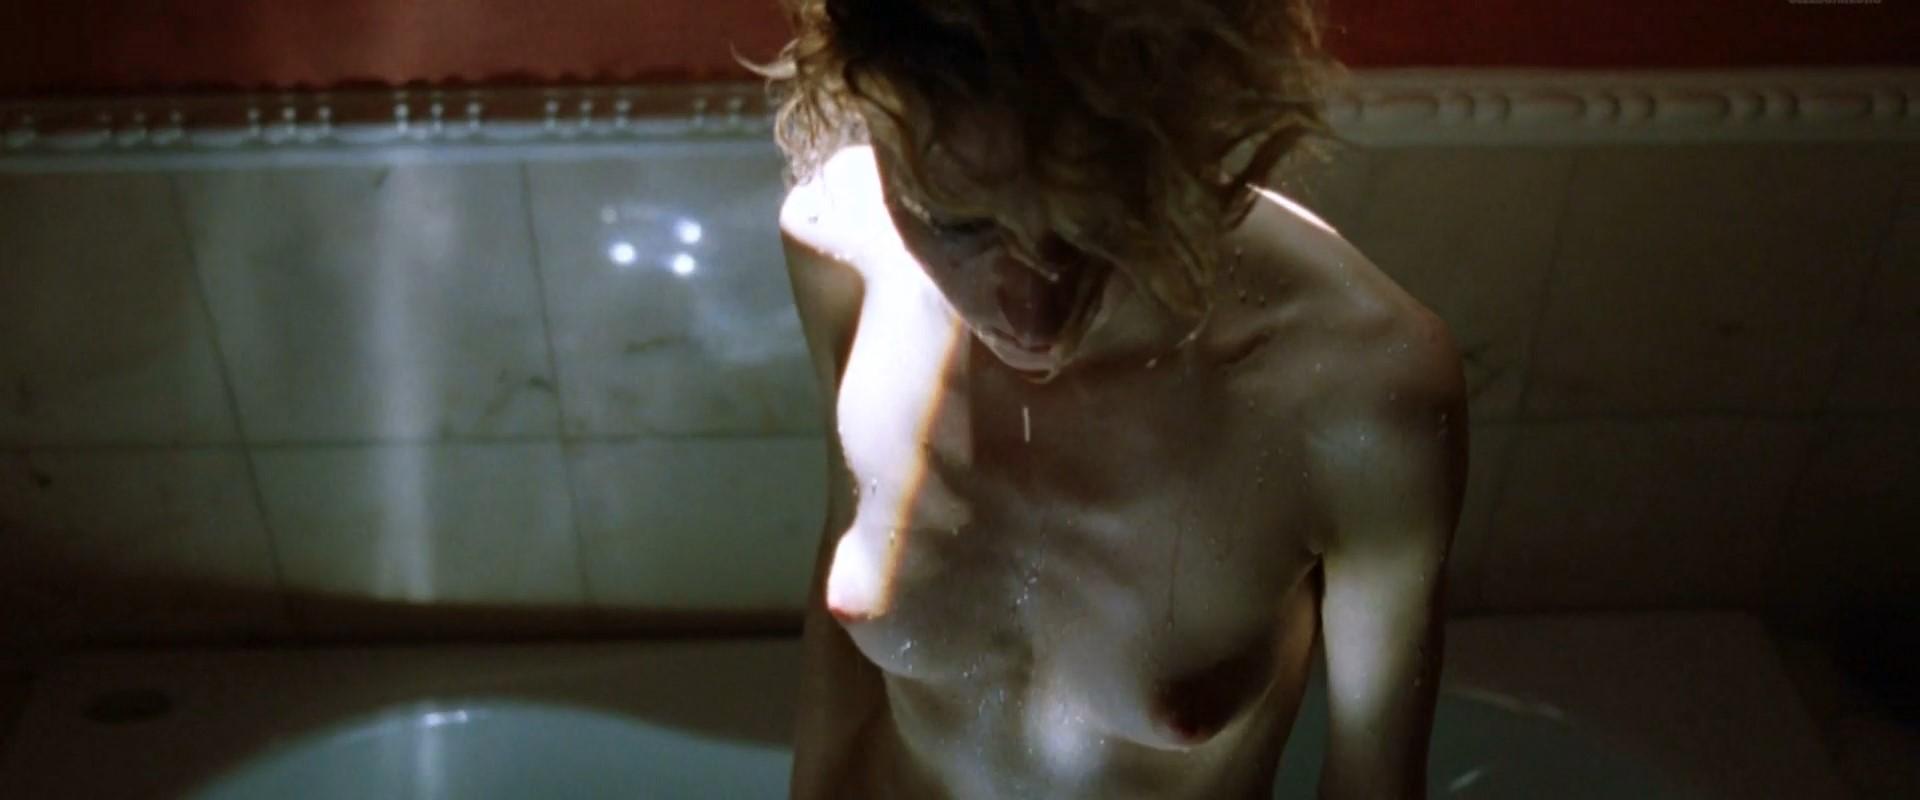 alba august naked